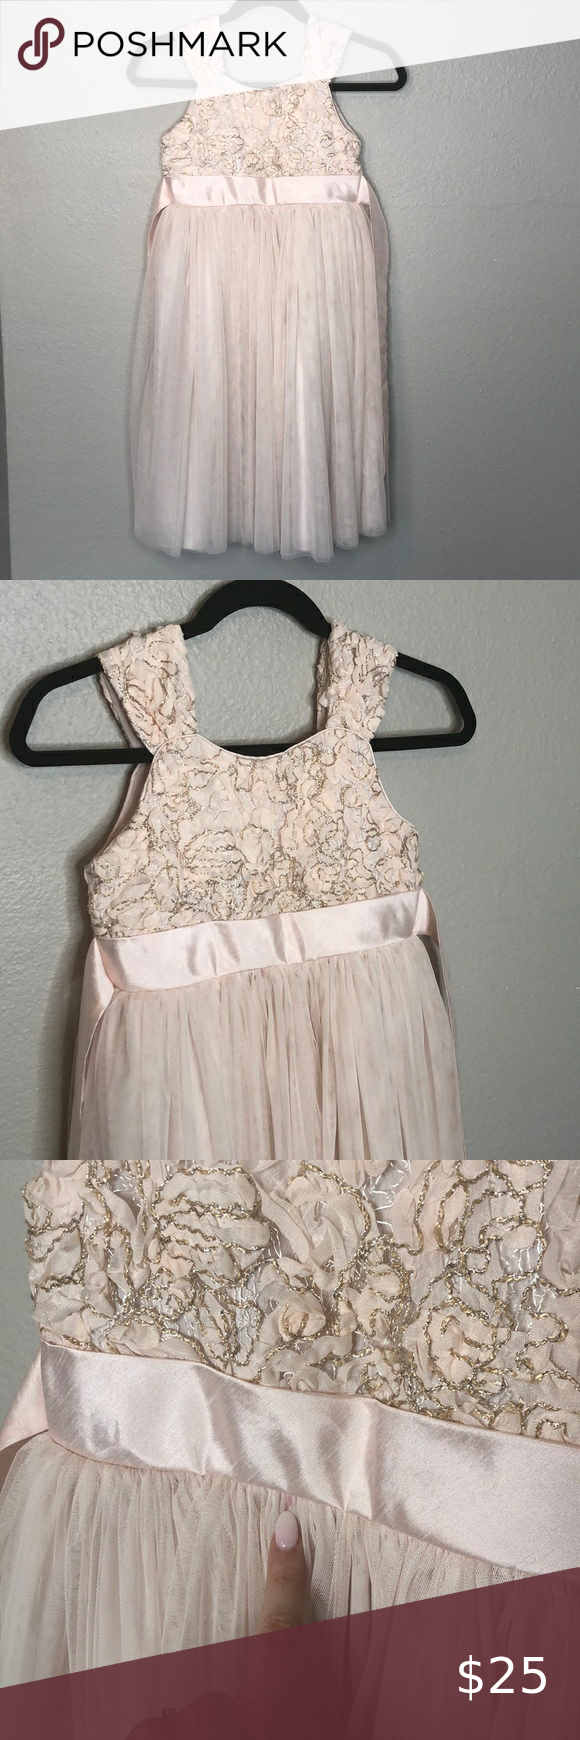 Mia Mimi Target Girls Dress Dresses Target Dresses Target Girls [ 1740 x 580 Pixel ]